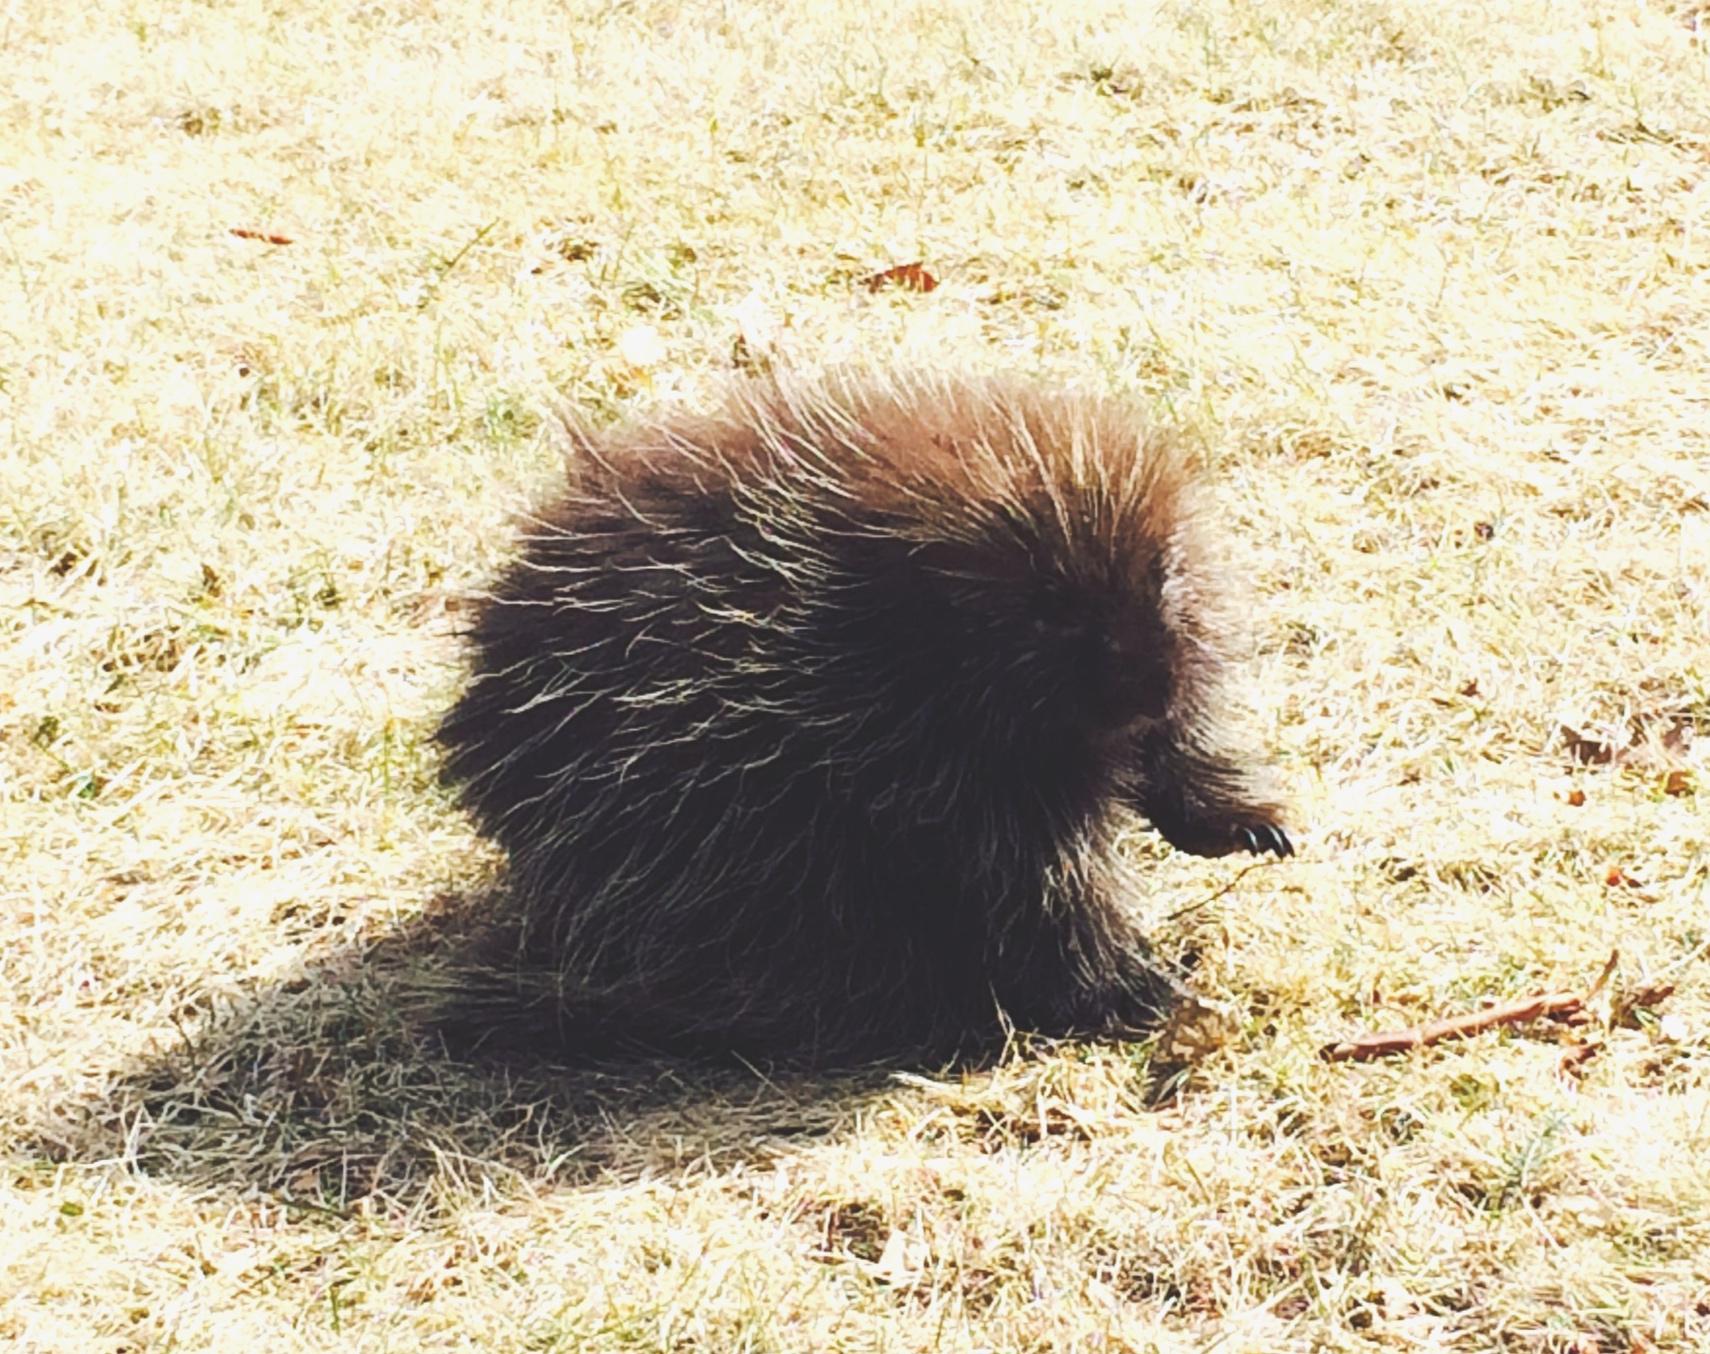 Porcupette (juvenile porcupine)